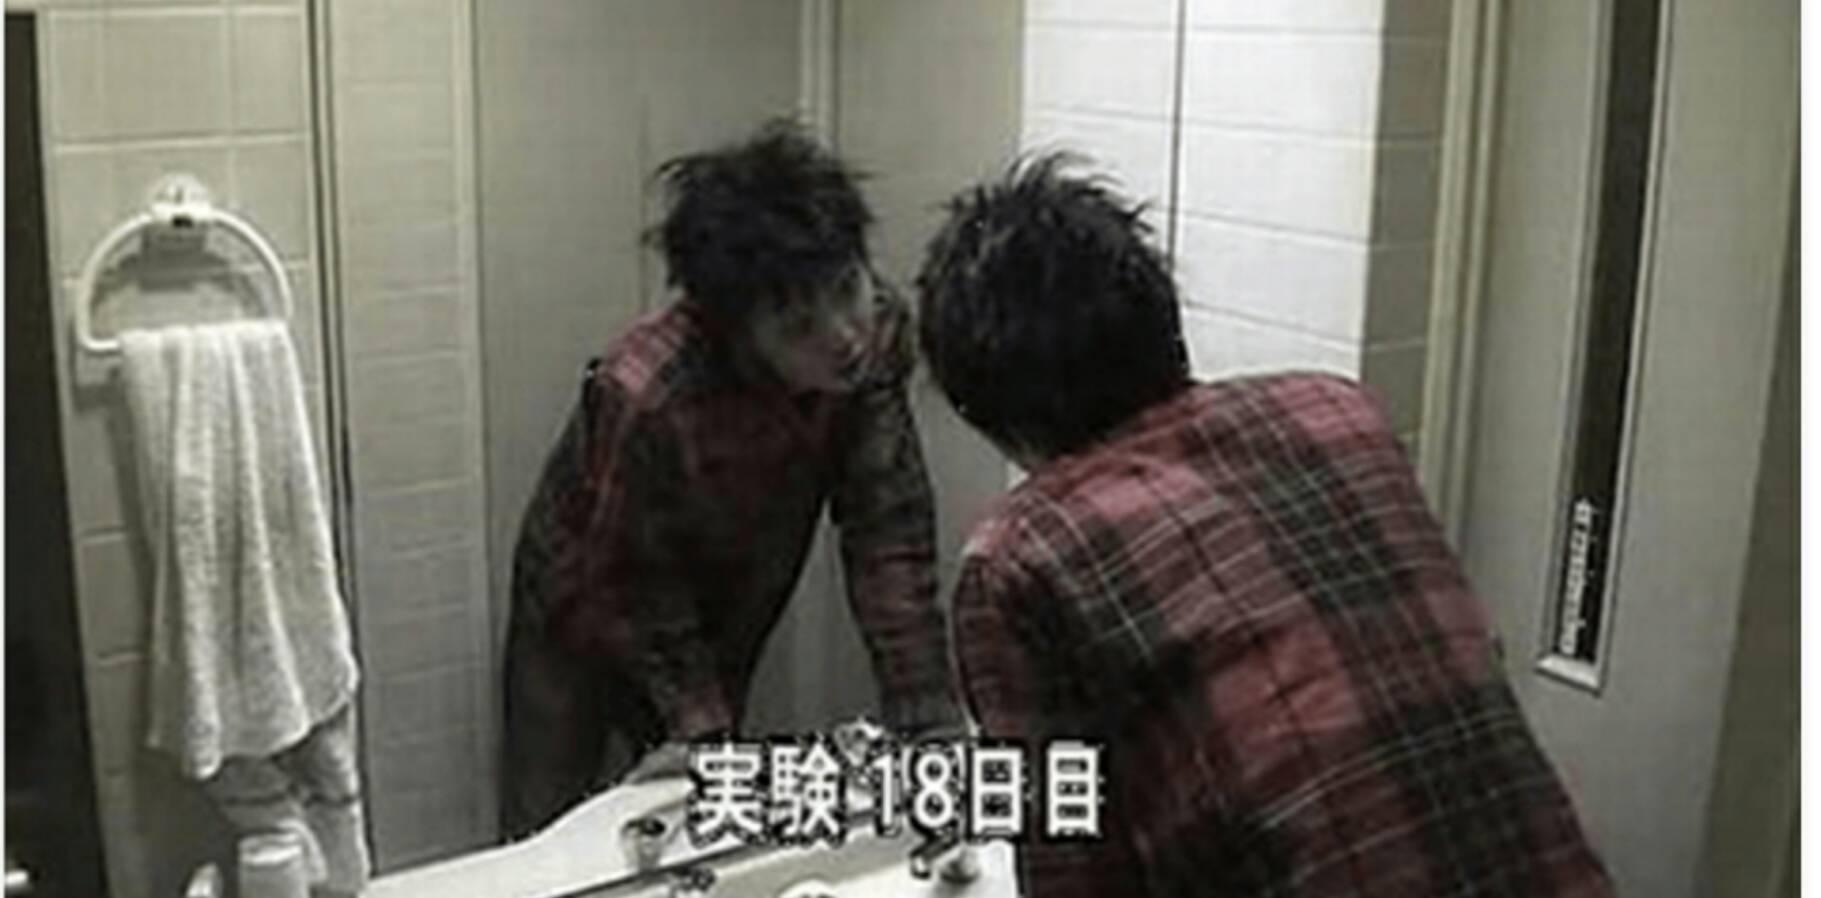 【※精神崩壊】鏡に向かって毎日「おまえは誰だ」を言い続けた結果、ガチでヤバイことにると・・・